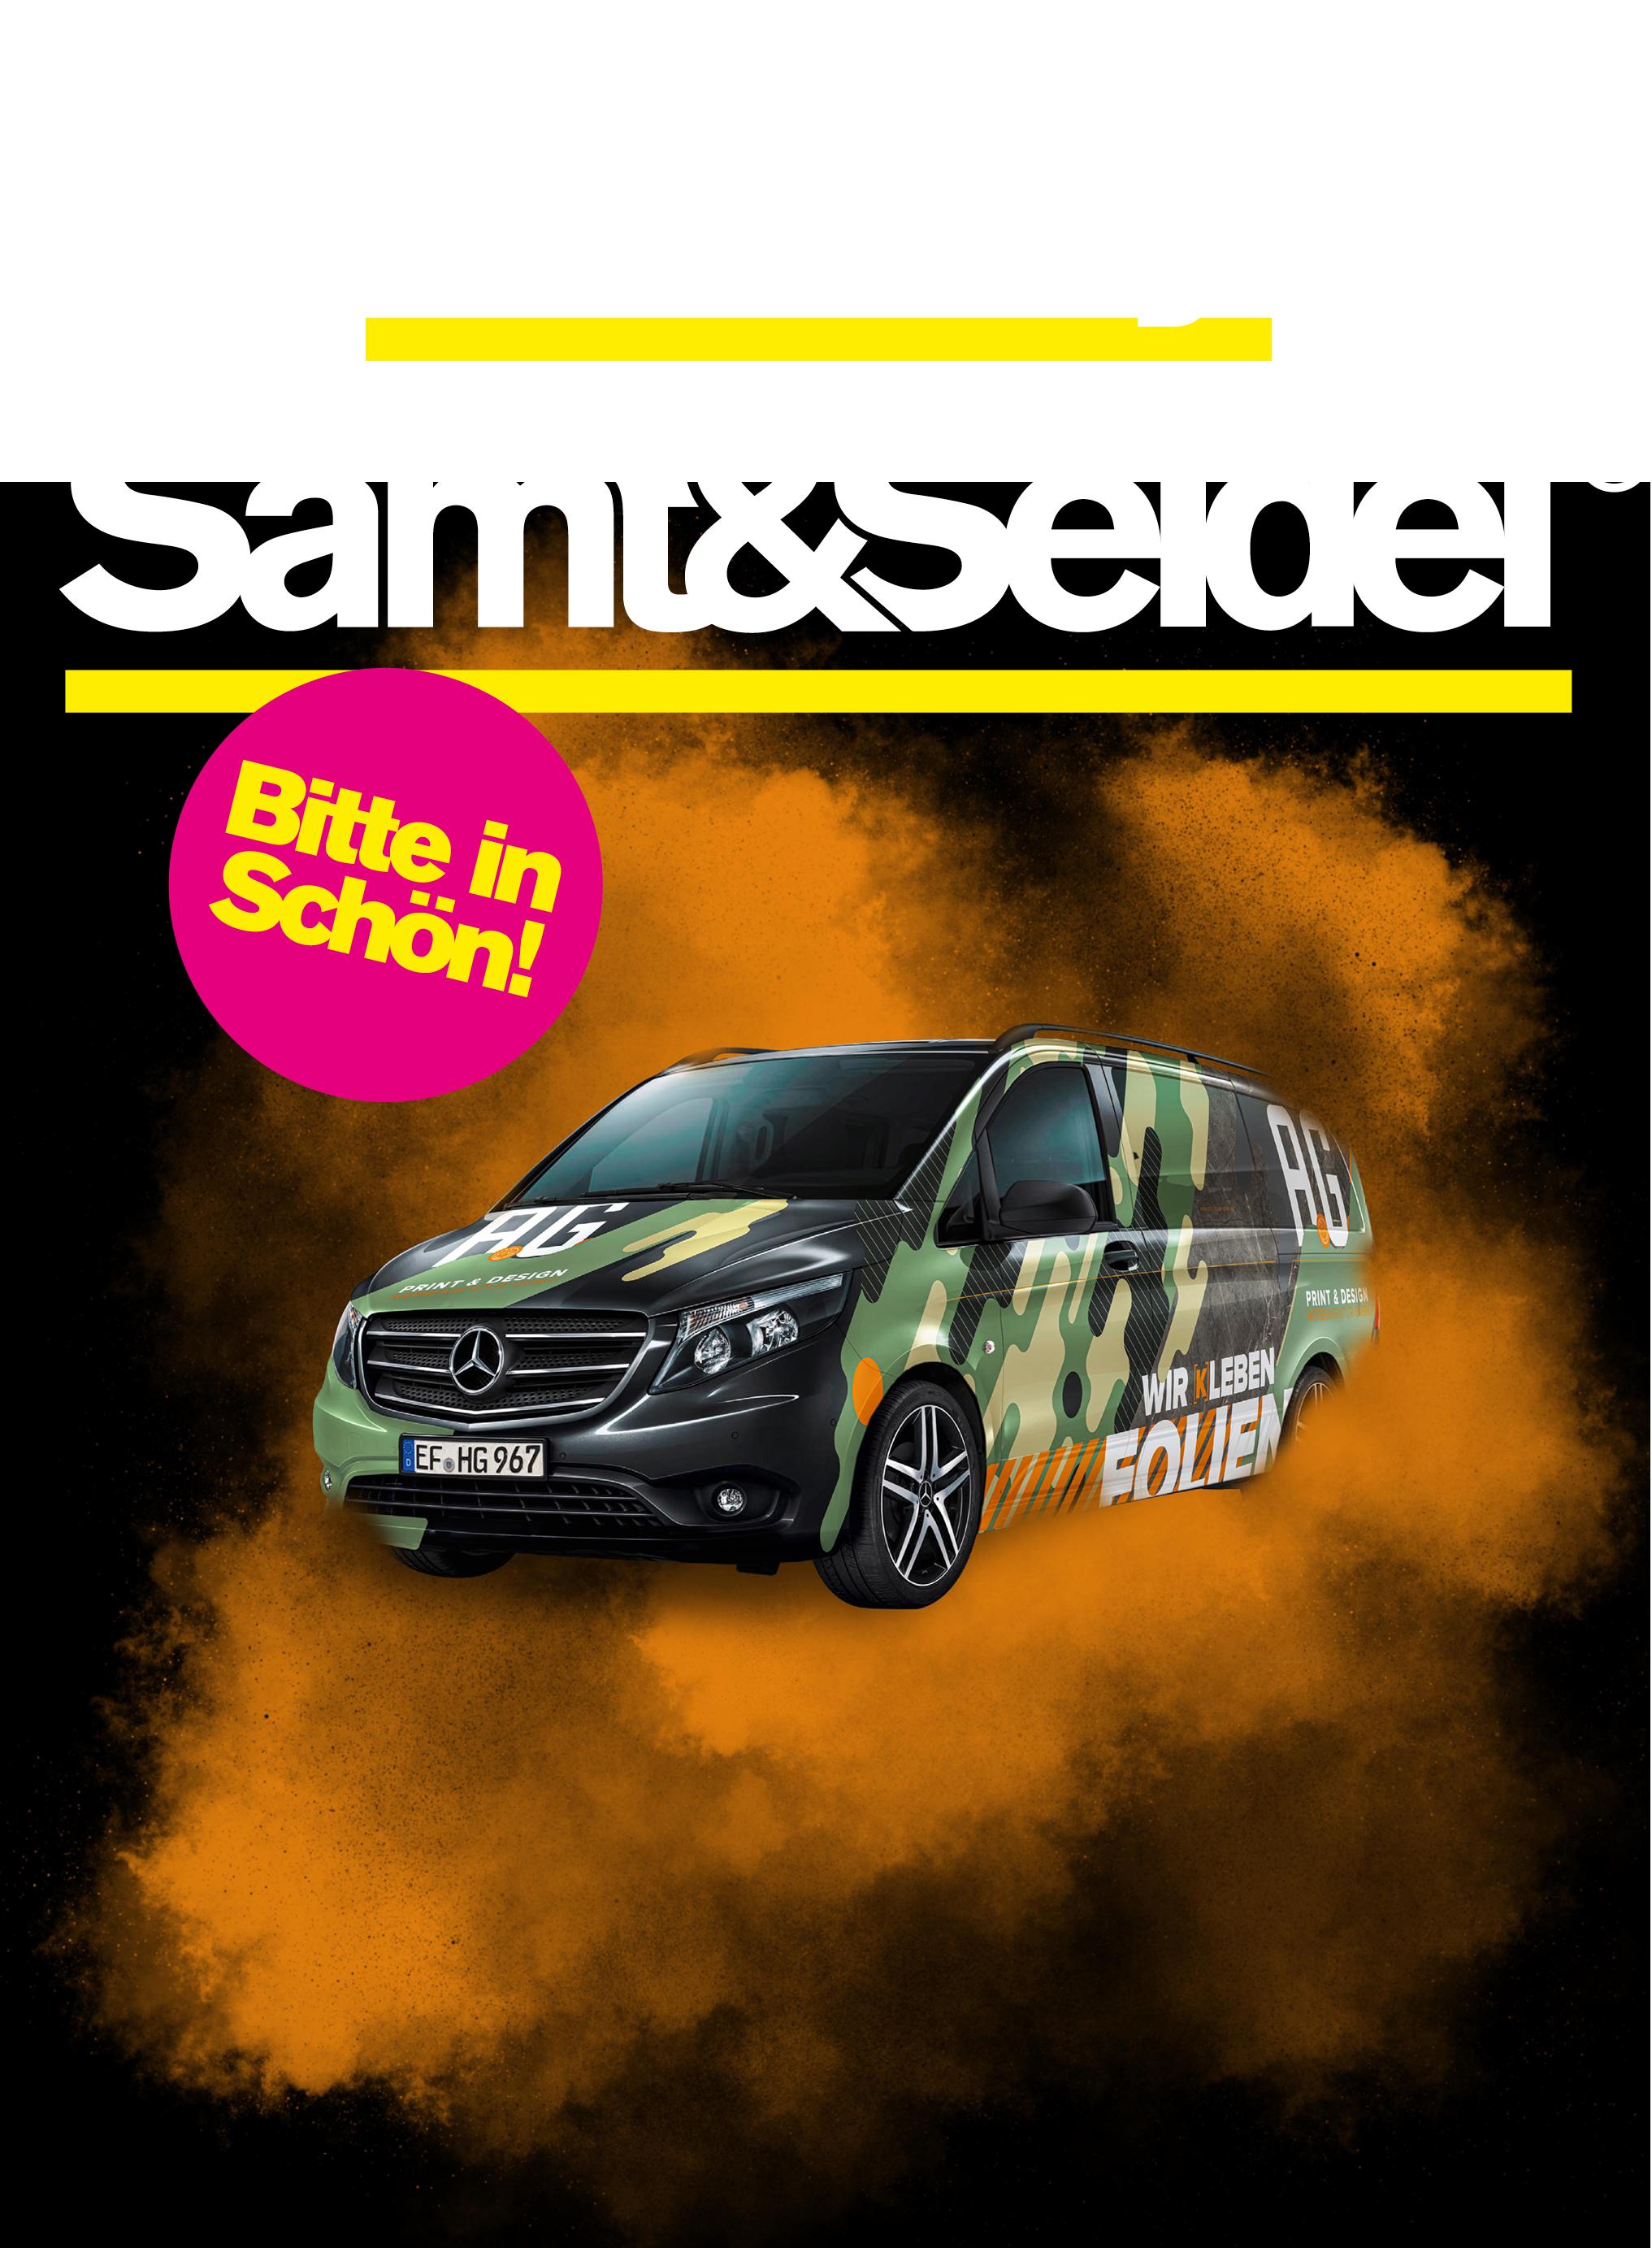 Samt&Seidel_Cars_Design_00